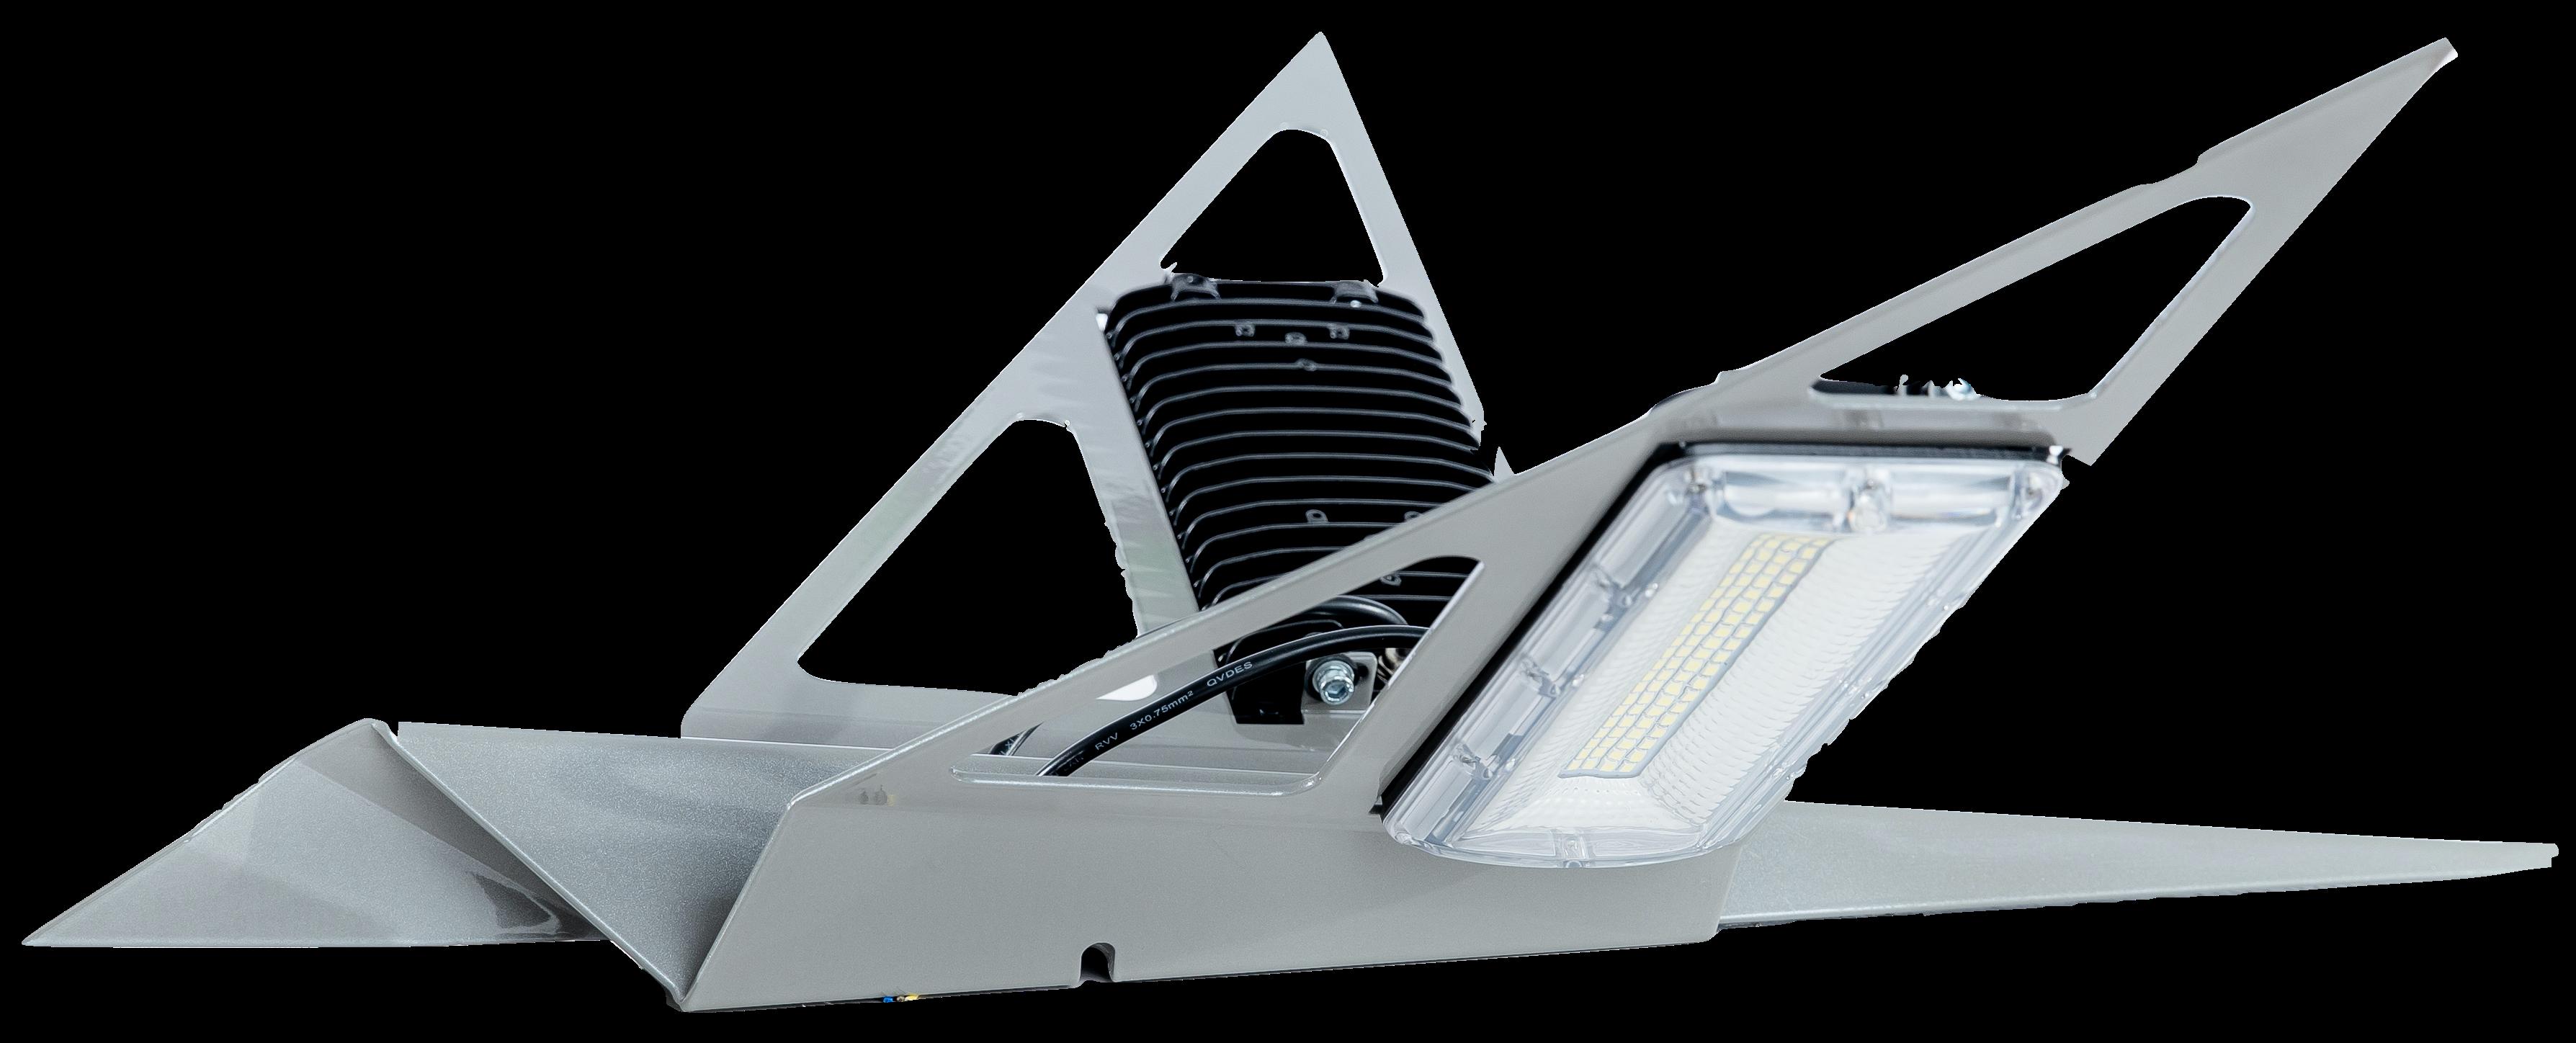 Технология совершенства - инновационный светодиодный светильник